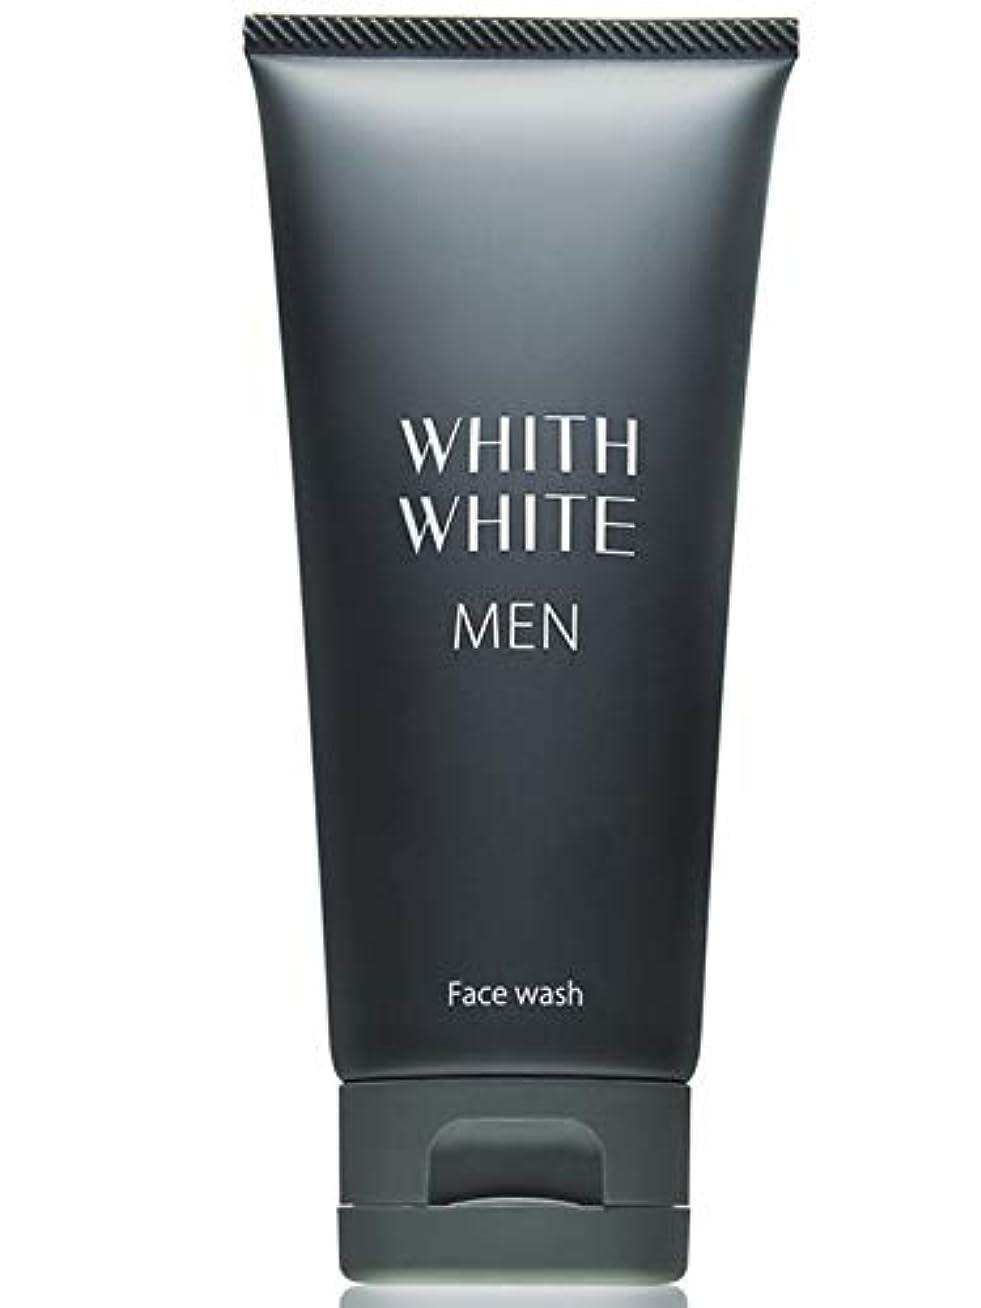 楽なストッキング睡眠洗顔 メンズ 医薬部外品 【 男 の しみ くすみ 対策 】 フィス ホワイト 「 30代~50代の 男性 専用 洗顔フォーム 」「 保湿 ヒアルロン酸 配合 洗顔料 」(男性用 スキンケア 化粧品 )95g